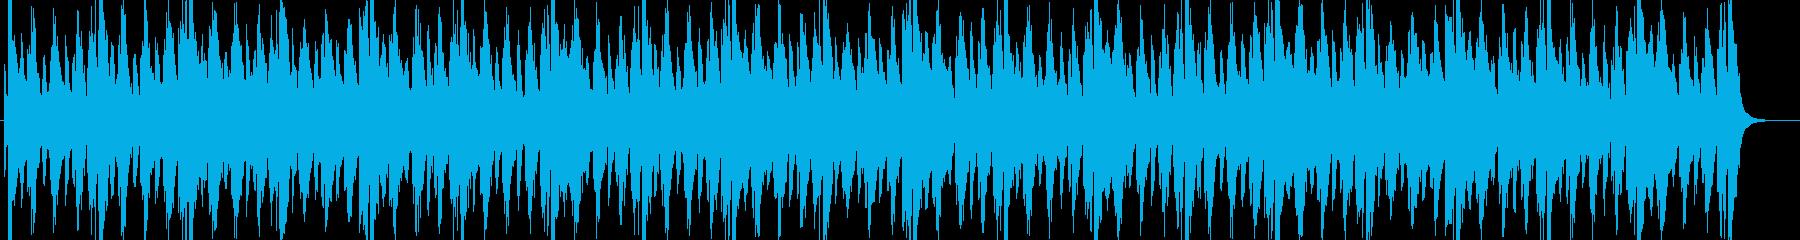 「闇のドン」を感じさせるオケ曲の再生済みの波形